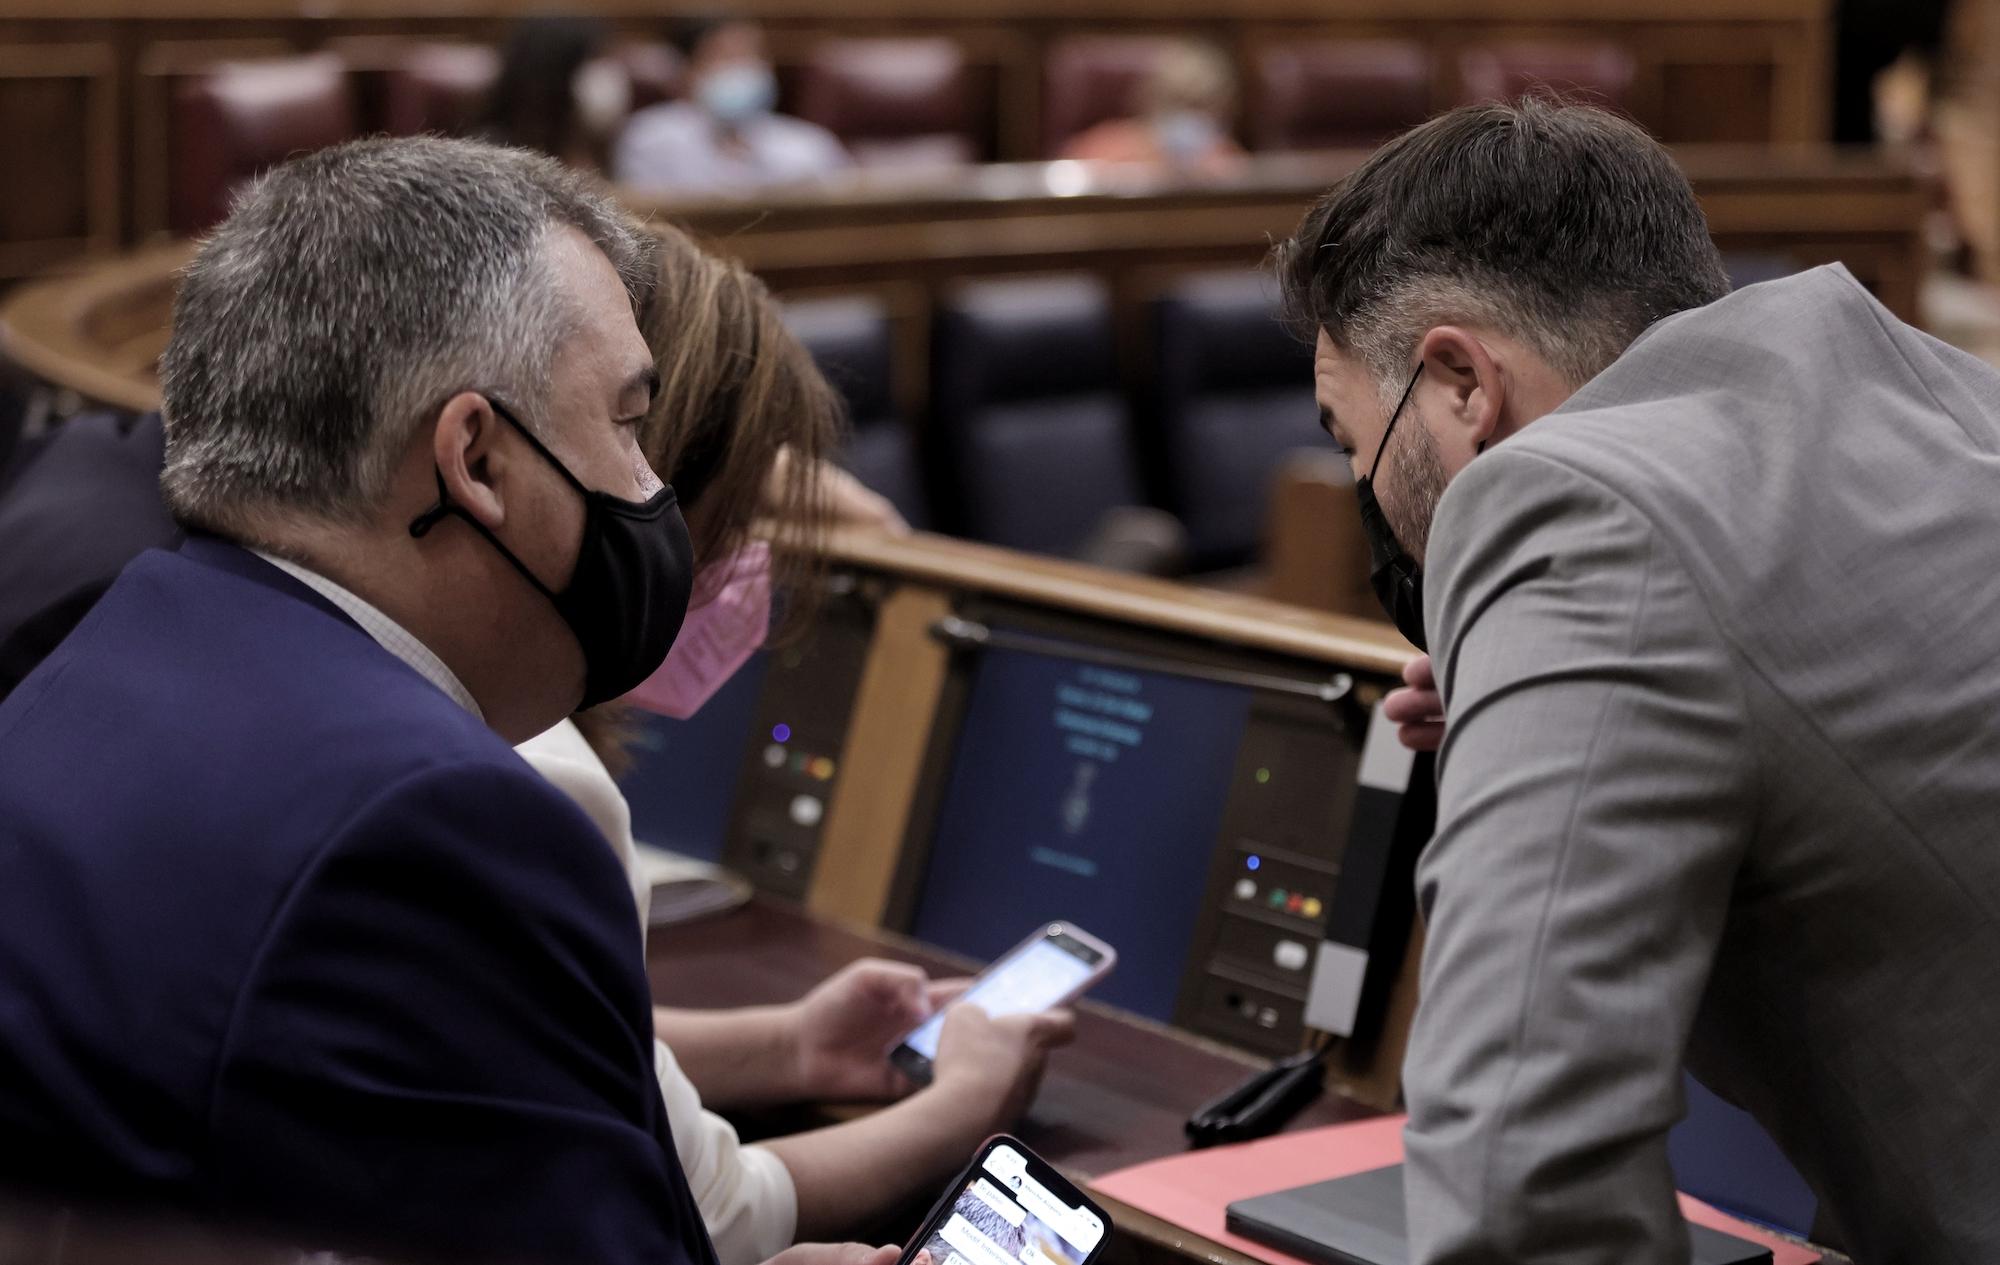 Adriana Lastra i Santos Cerdán (PSOE) conversen amb Gabriel Rufián (ERC) al Congrés dels Diputats, en una imatge d'arxiu | Europa Press